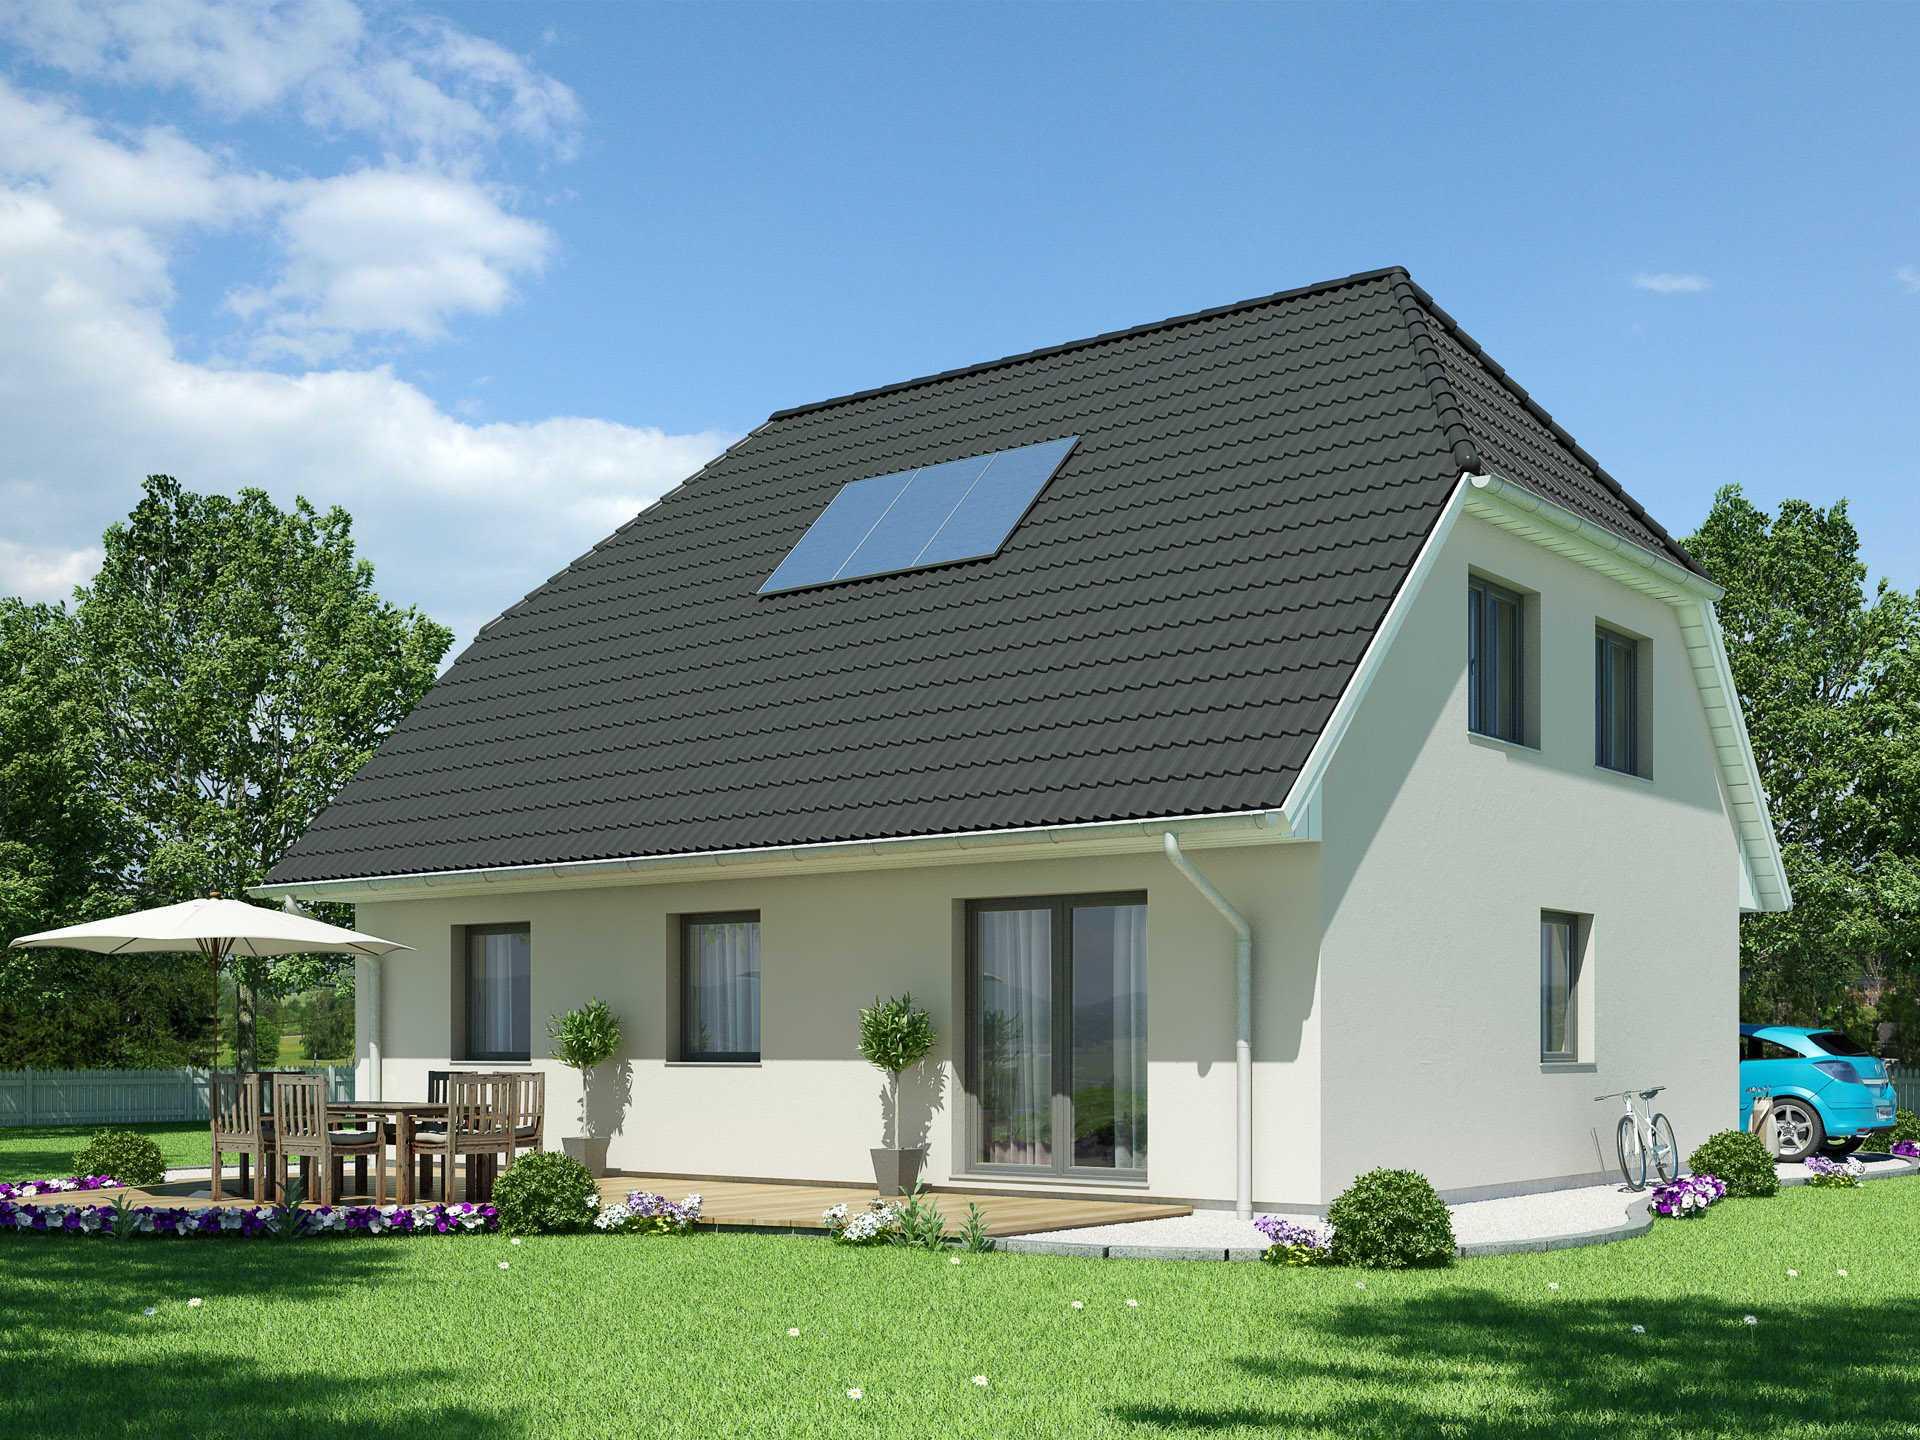 Komforthaus von Hense Hausbau